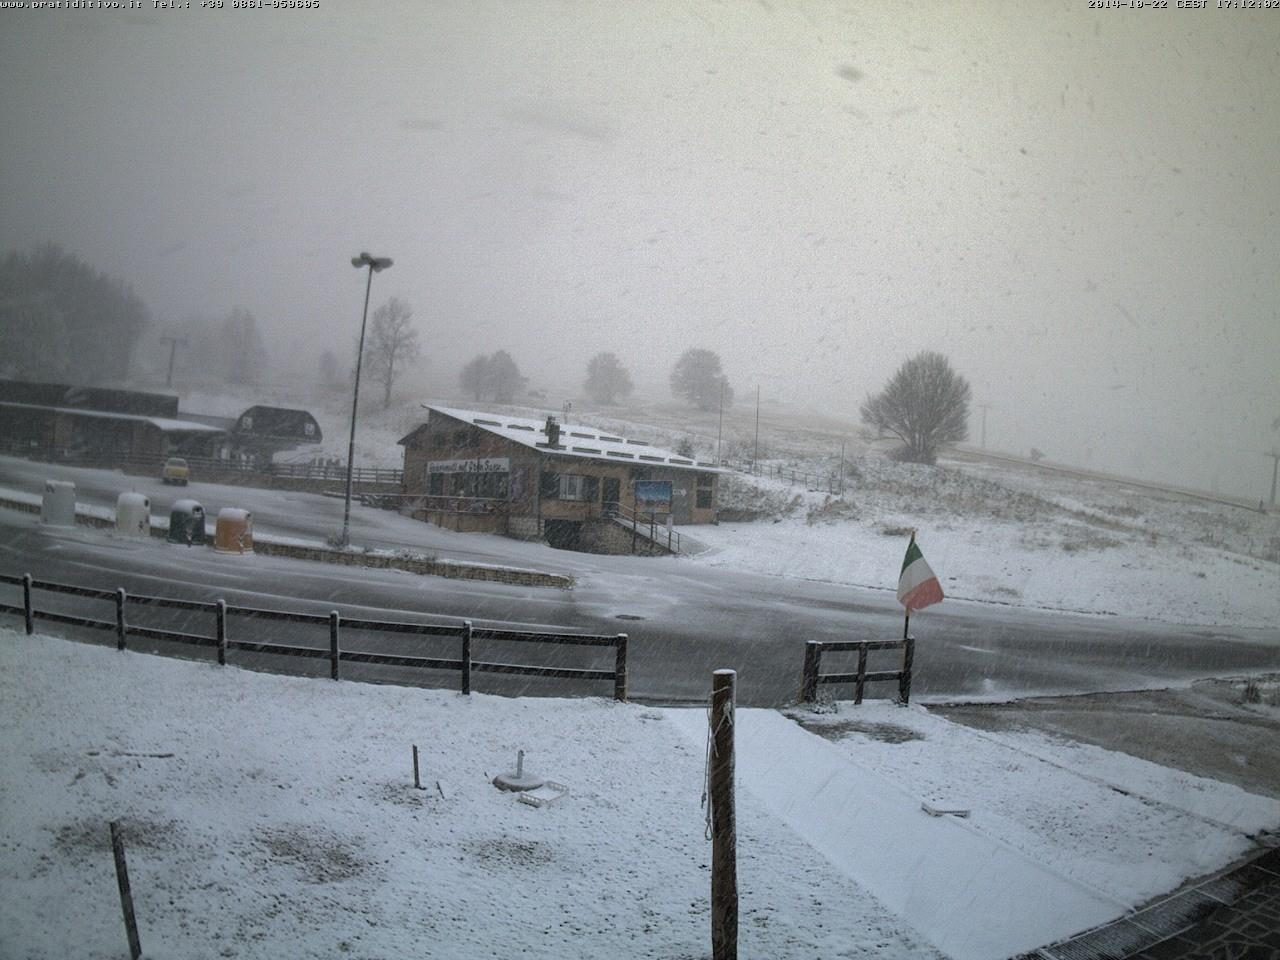 Prime nevicate anche in Appennino, neve fino a 1400 metri